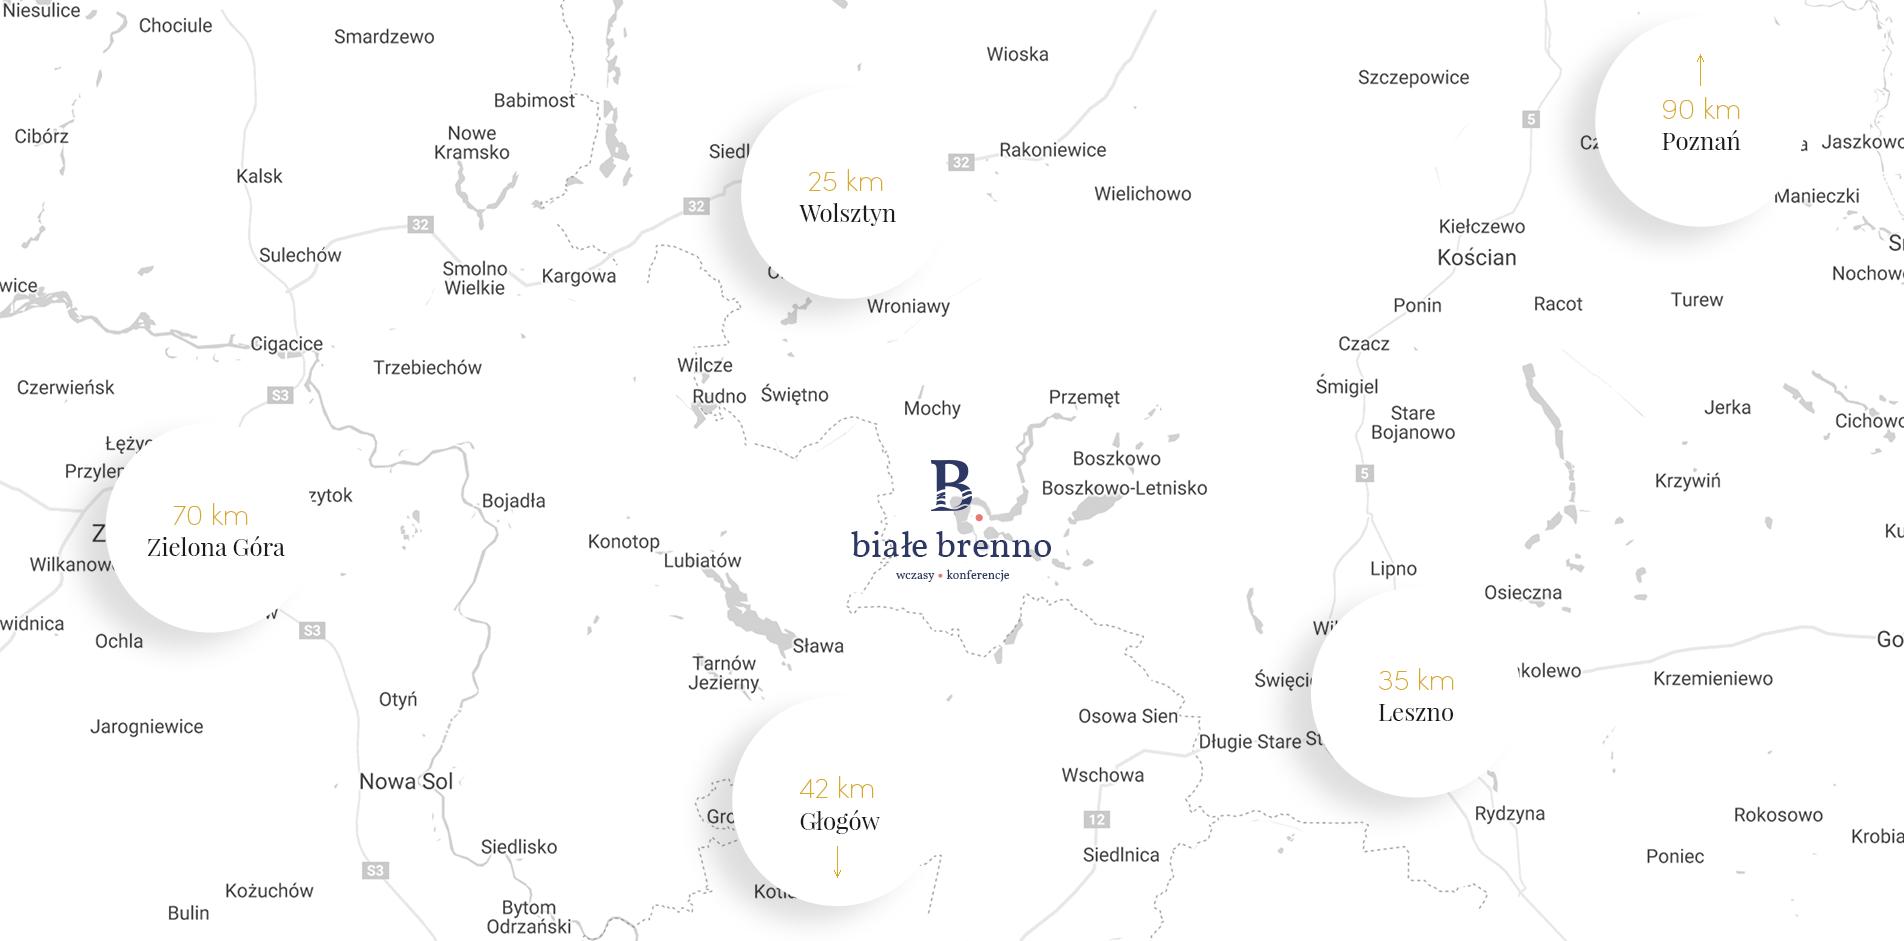 mapa 2 - Białe Brenno, noclegi, domki brenno domki, jezioro, przemęcki park krajobrazowy, Leszno, Wolsztyn, Zielona Góra, Poznań, Głogów, Boszkowo, mapa okolicy